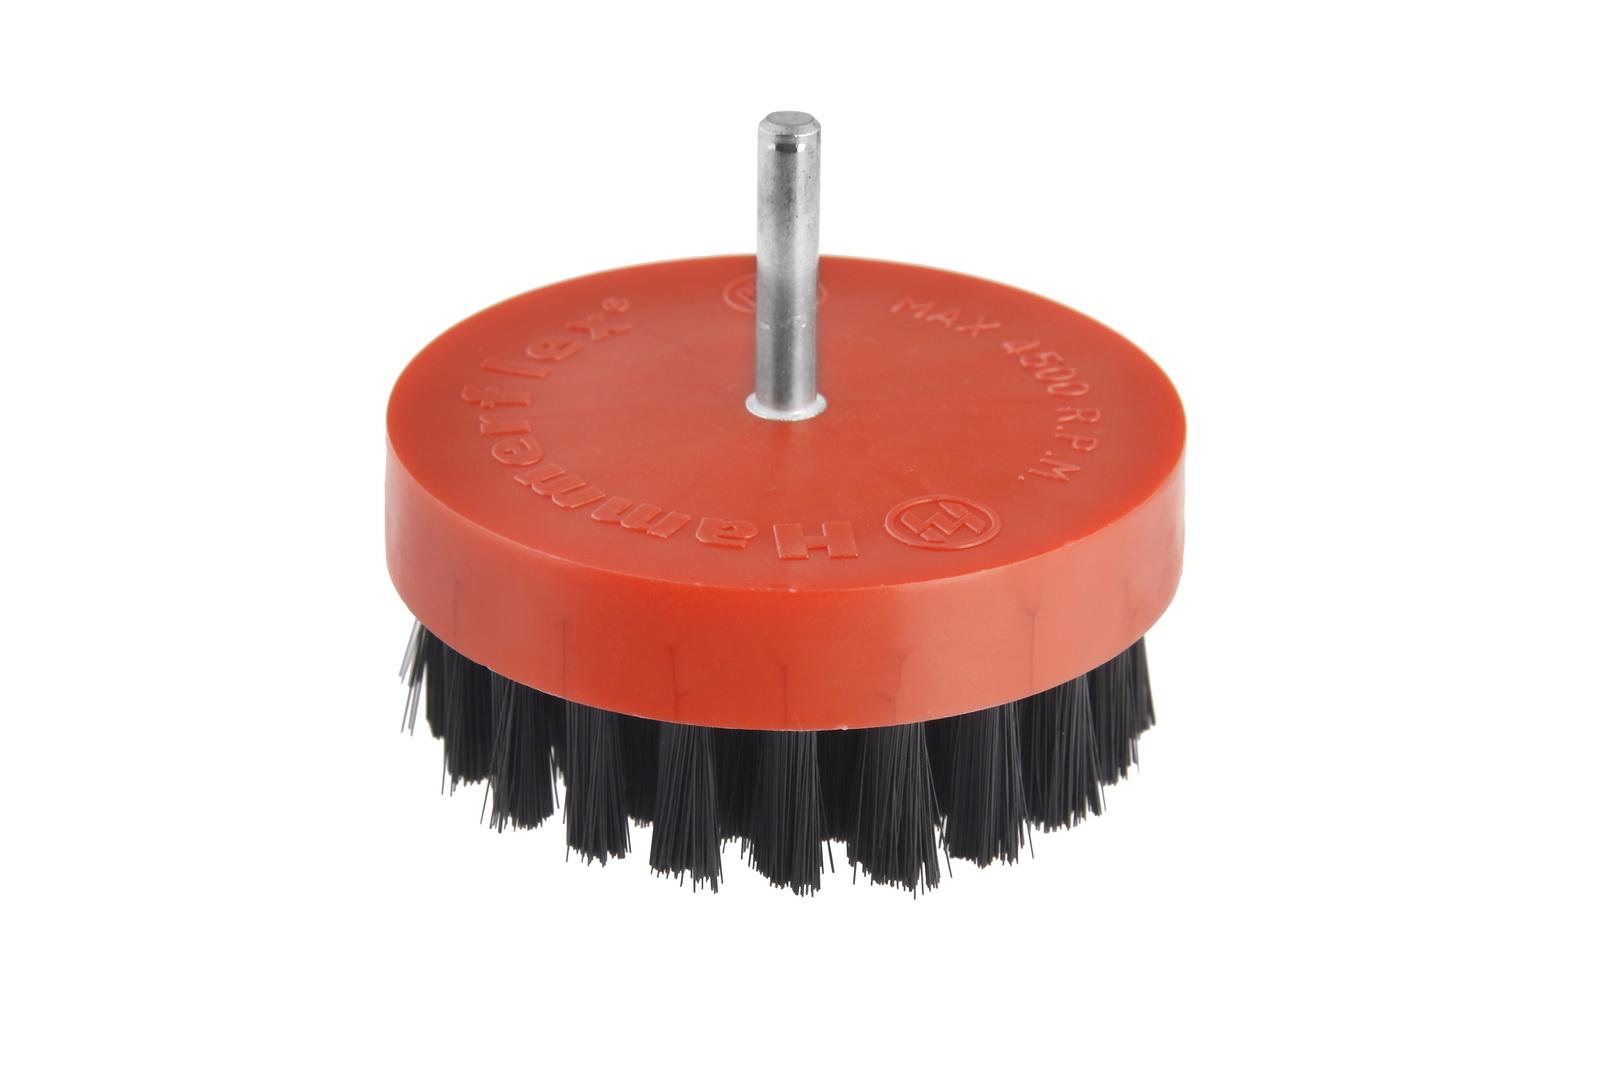 Кордщетка Hammer 207-217 80*0,5*d6 чашеобразная нейлоновая для полировки водонагреватель для кухни macro d6 sa8sxf